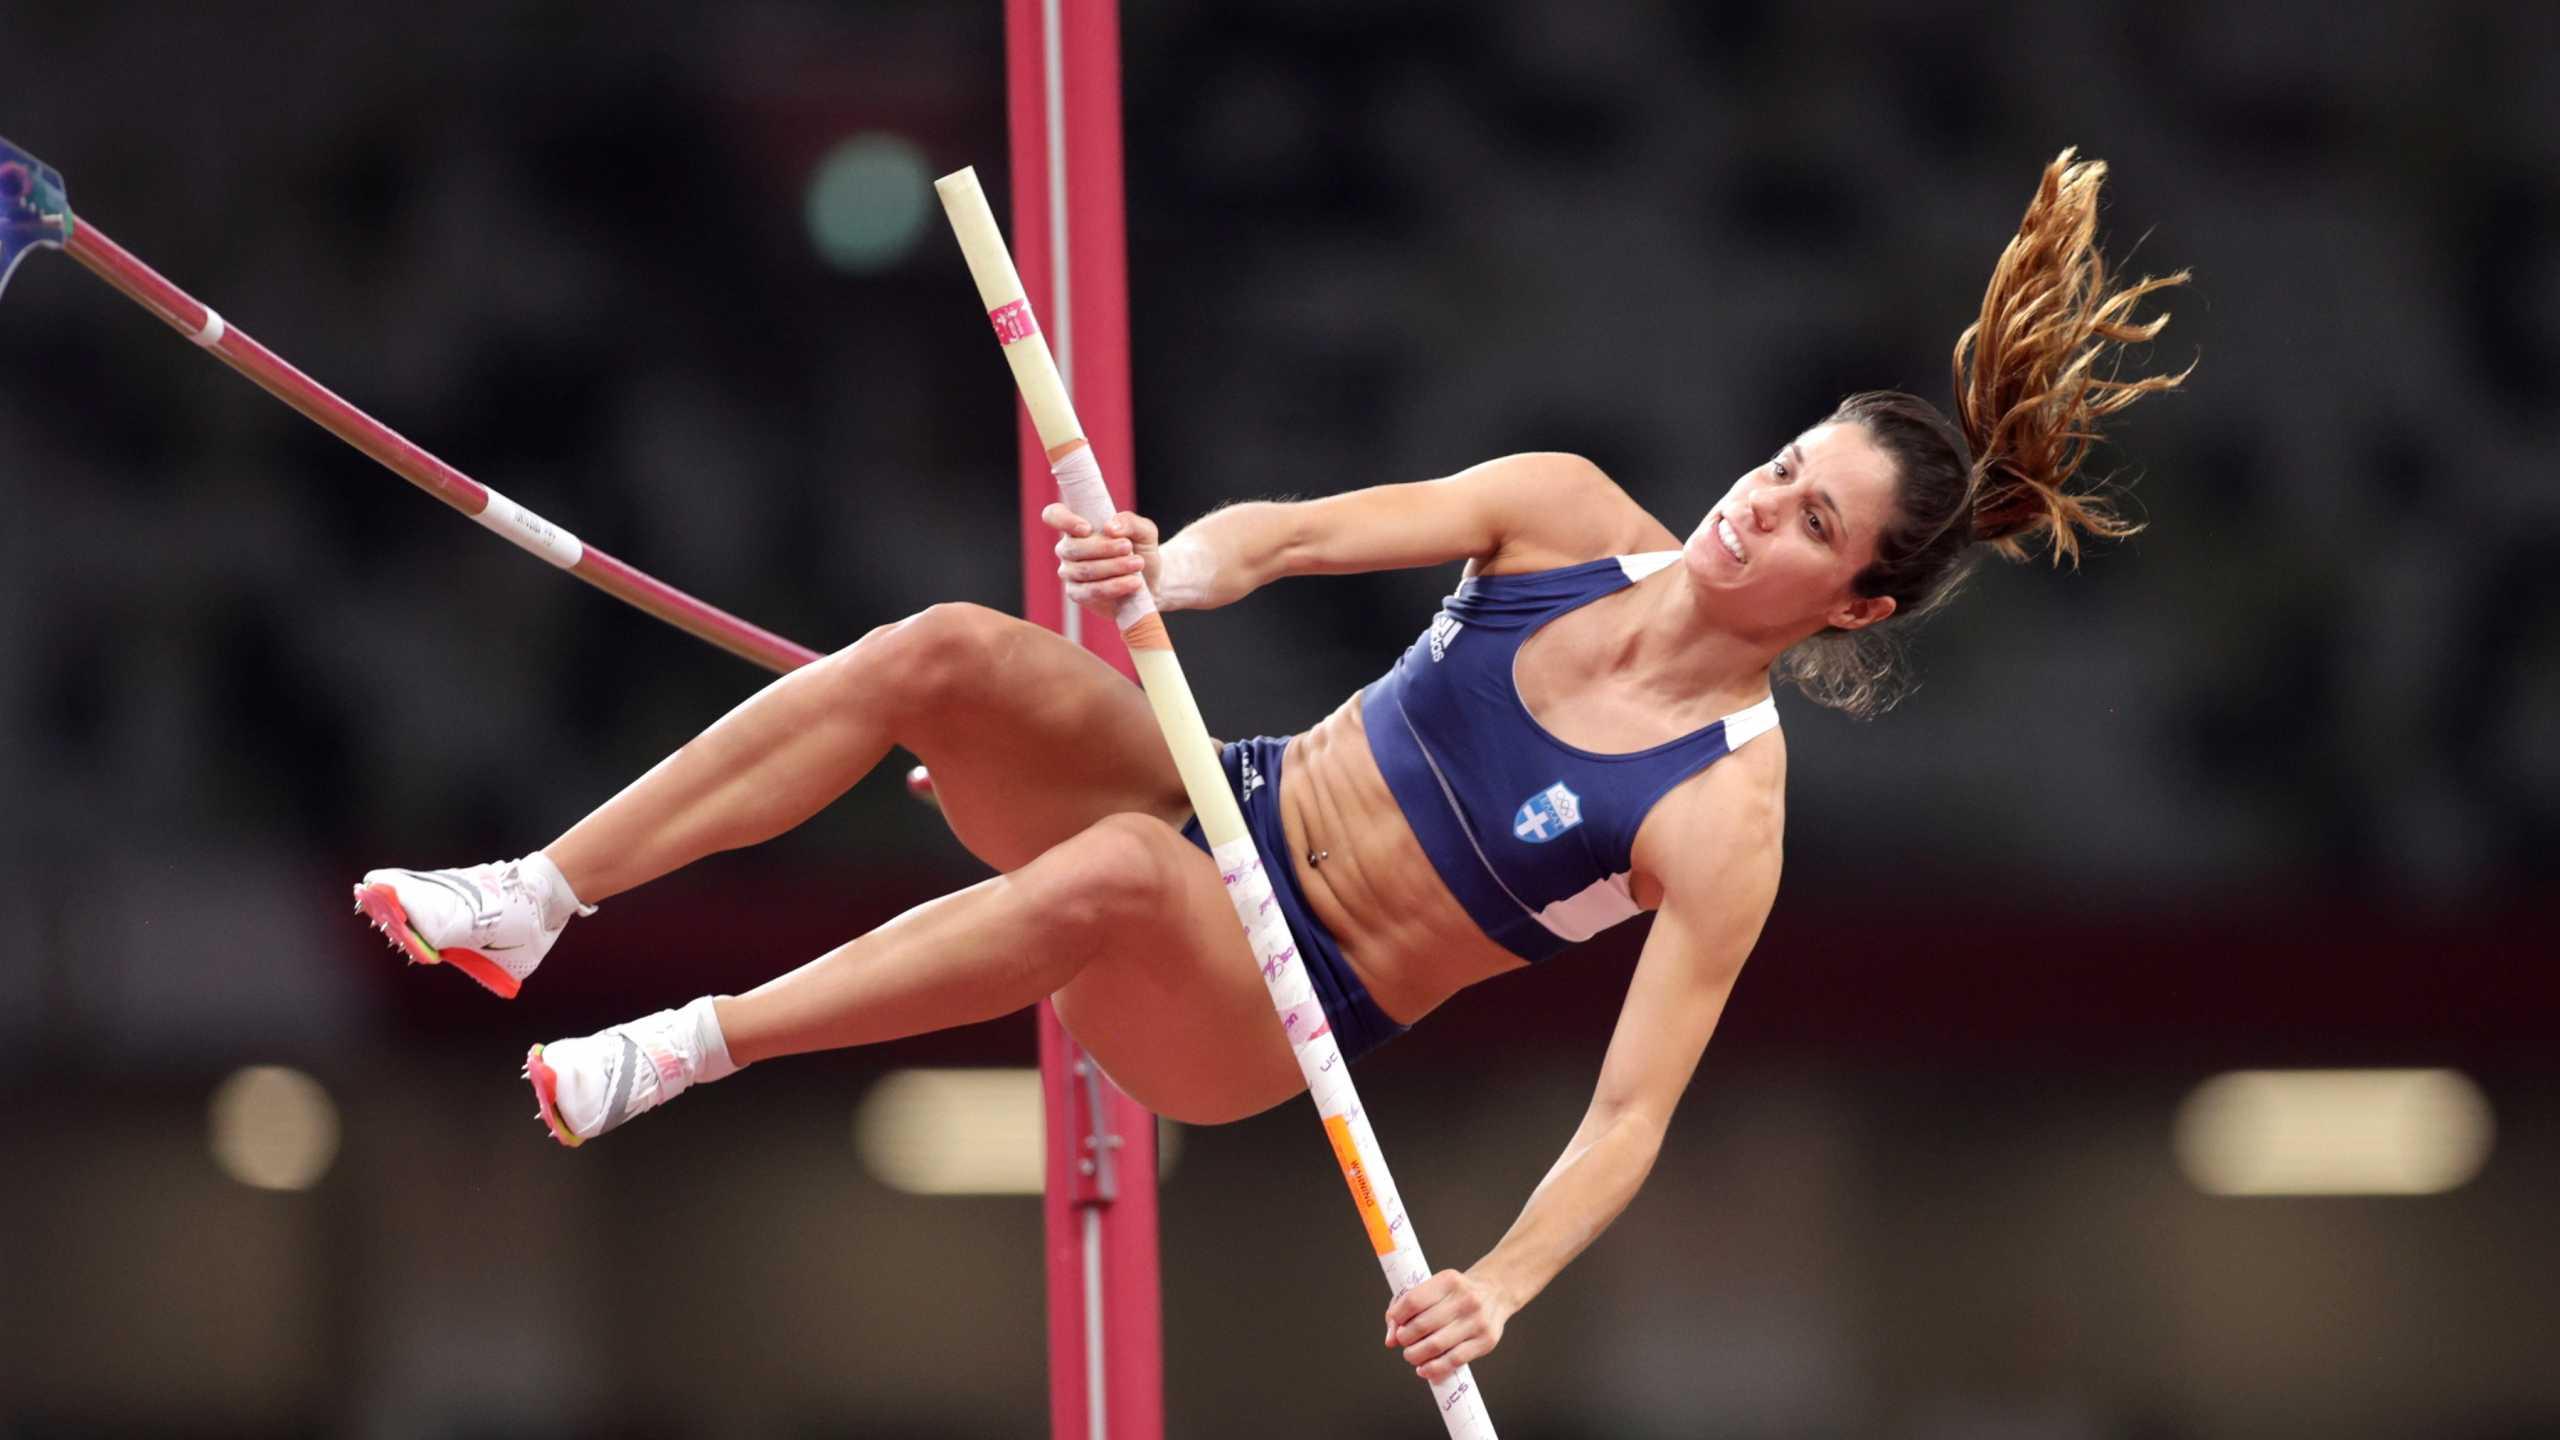 Κατερίνα Στεφανίδη – Νικόλ Κυριακοπούλου: Οι προσπάθειες στον τελικό του επί κοντώ